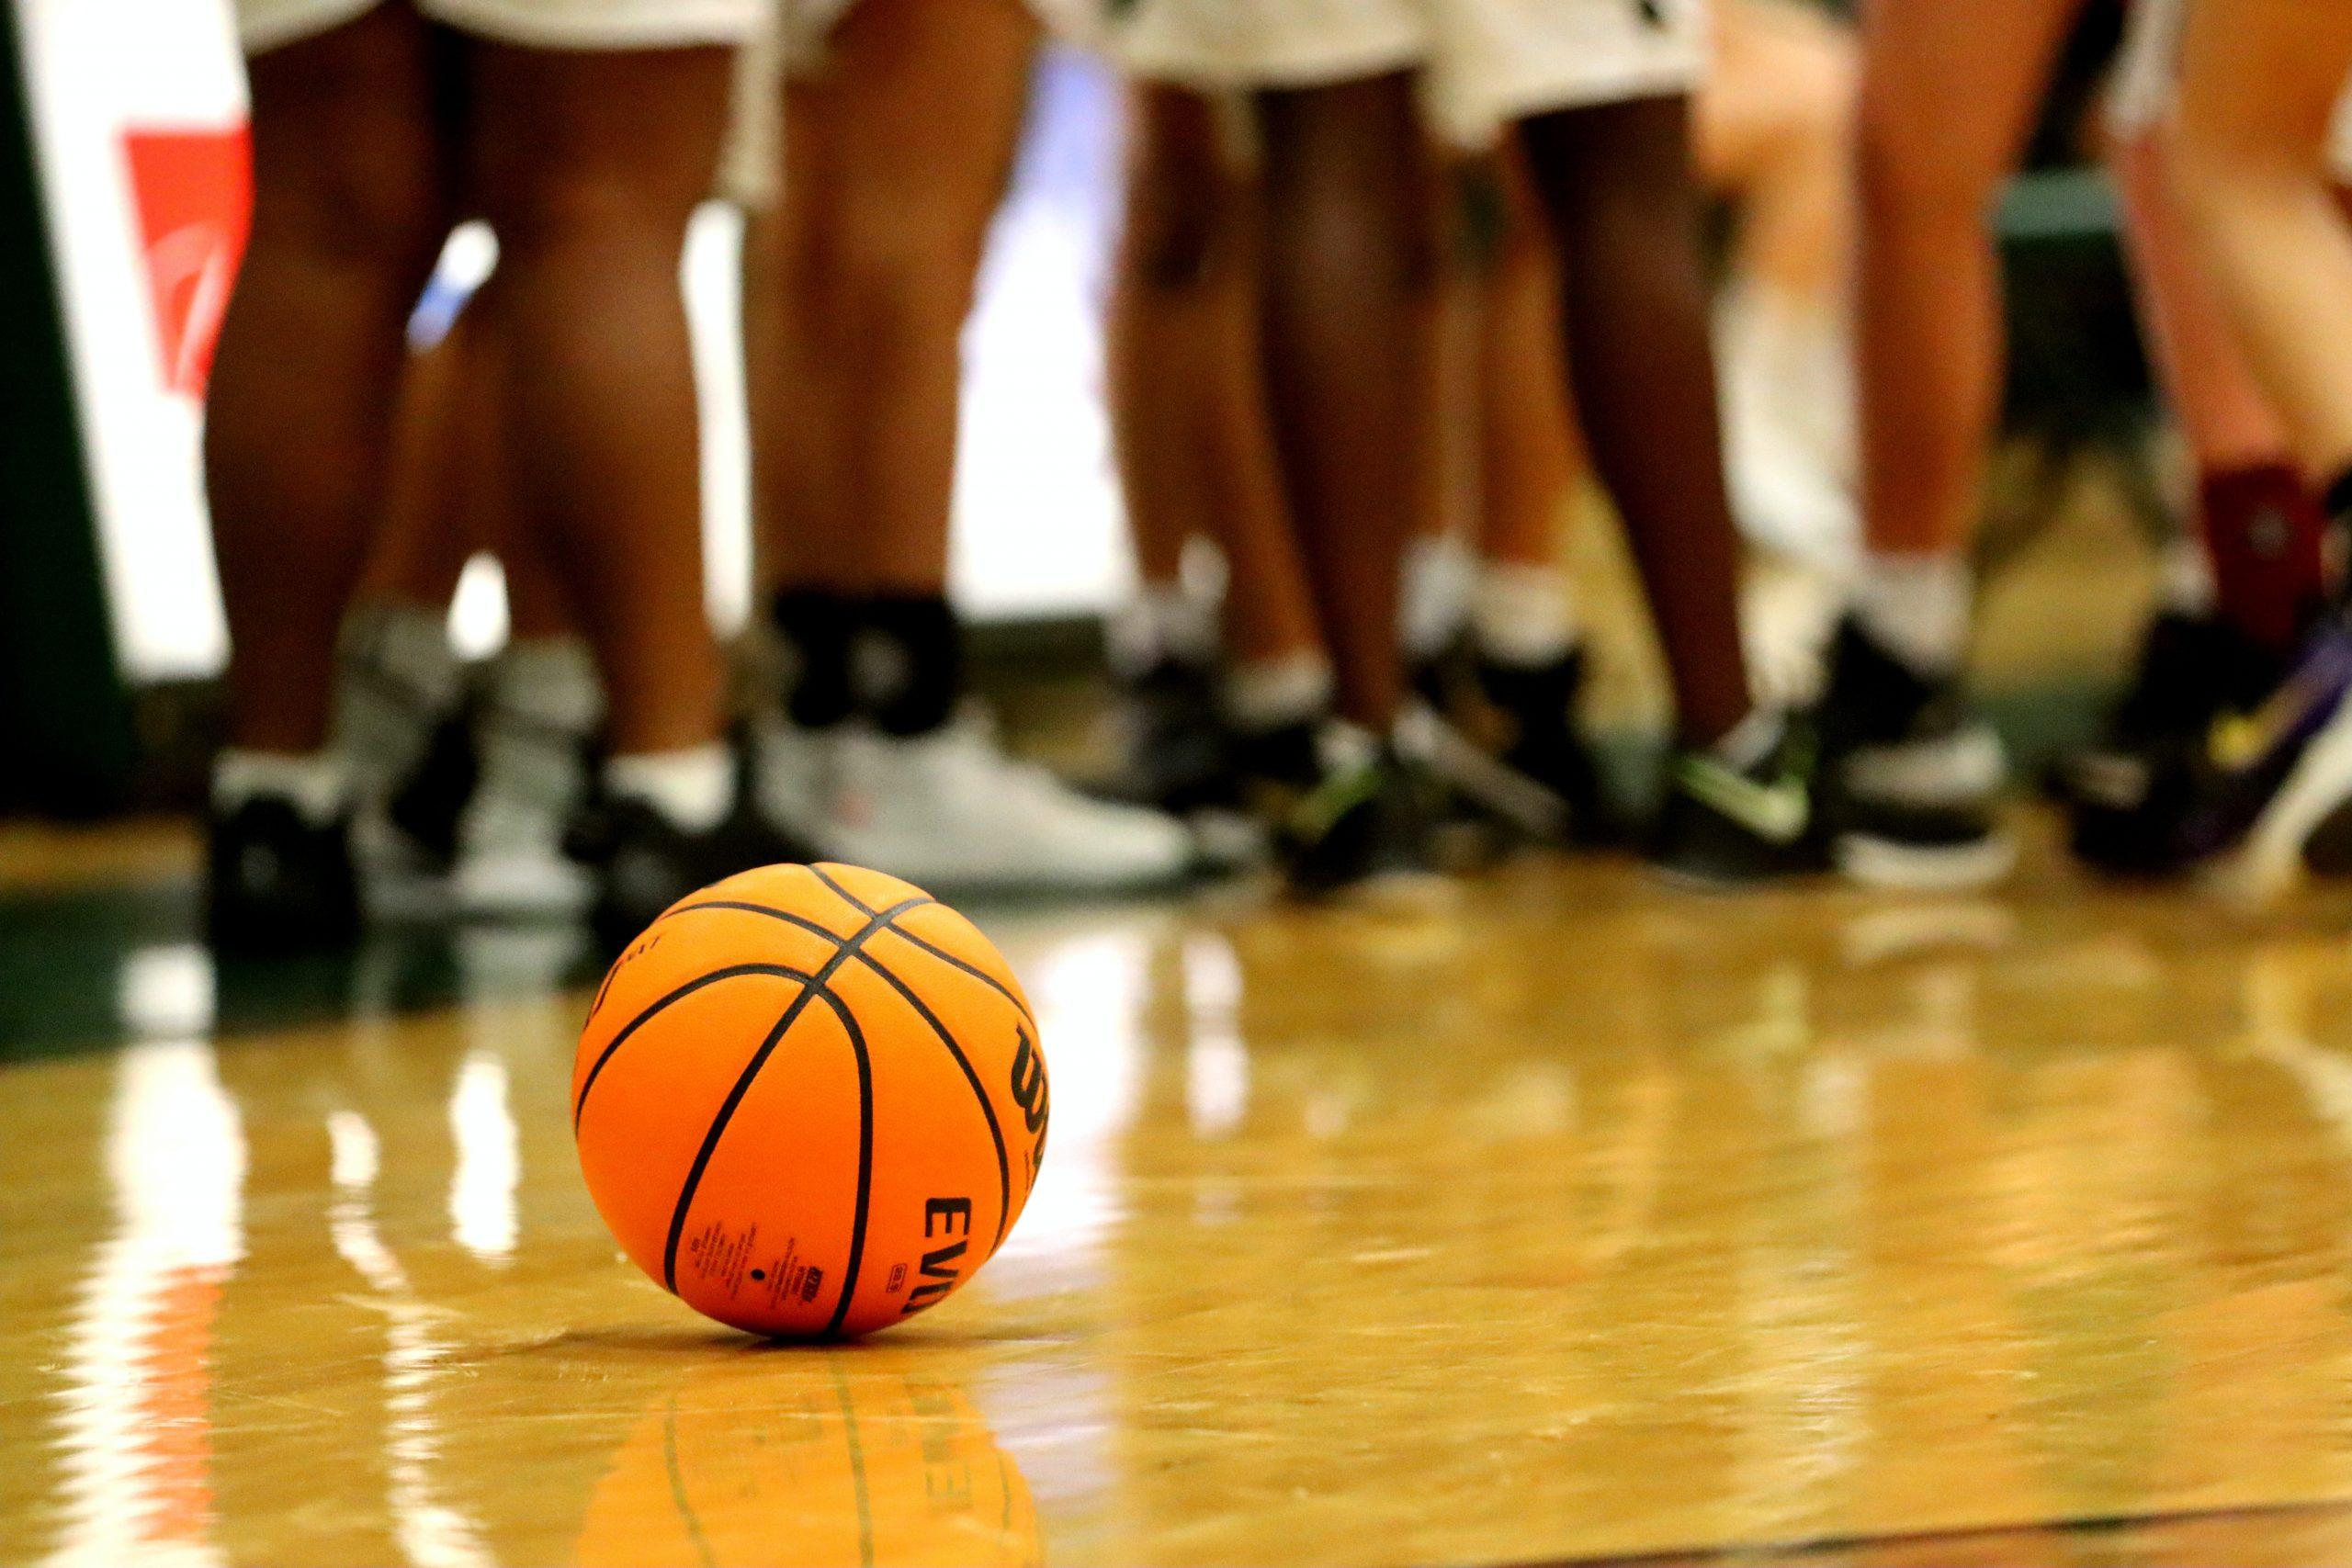 """Turneul de baschet 3 la 3 """"Streetball2School"""" are loc în acest weekend în Capitală. Cine poate participa și ce măsuri de prevenție au luat organizatorii"""